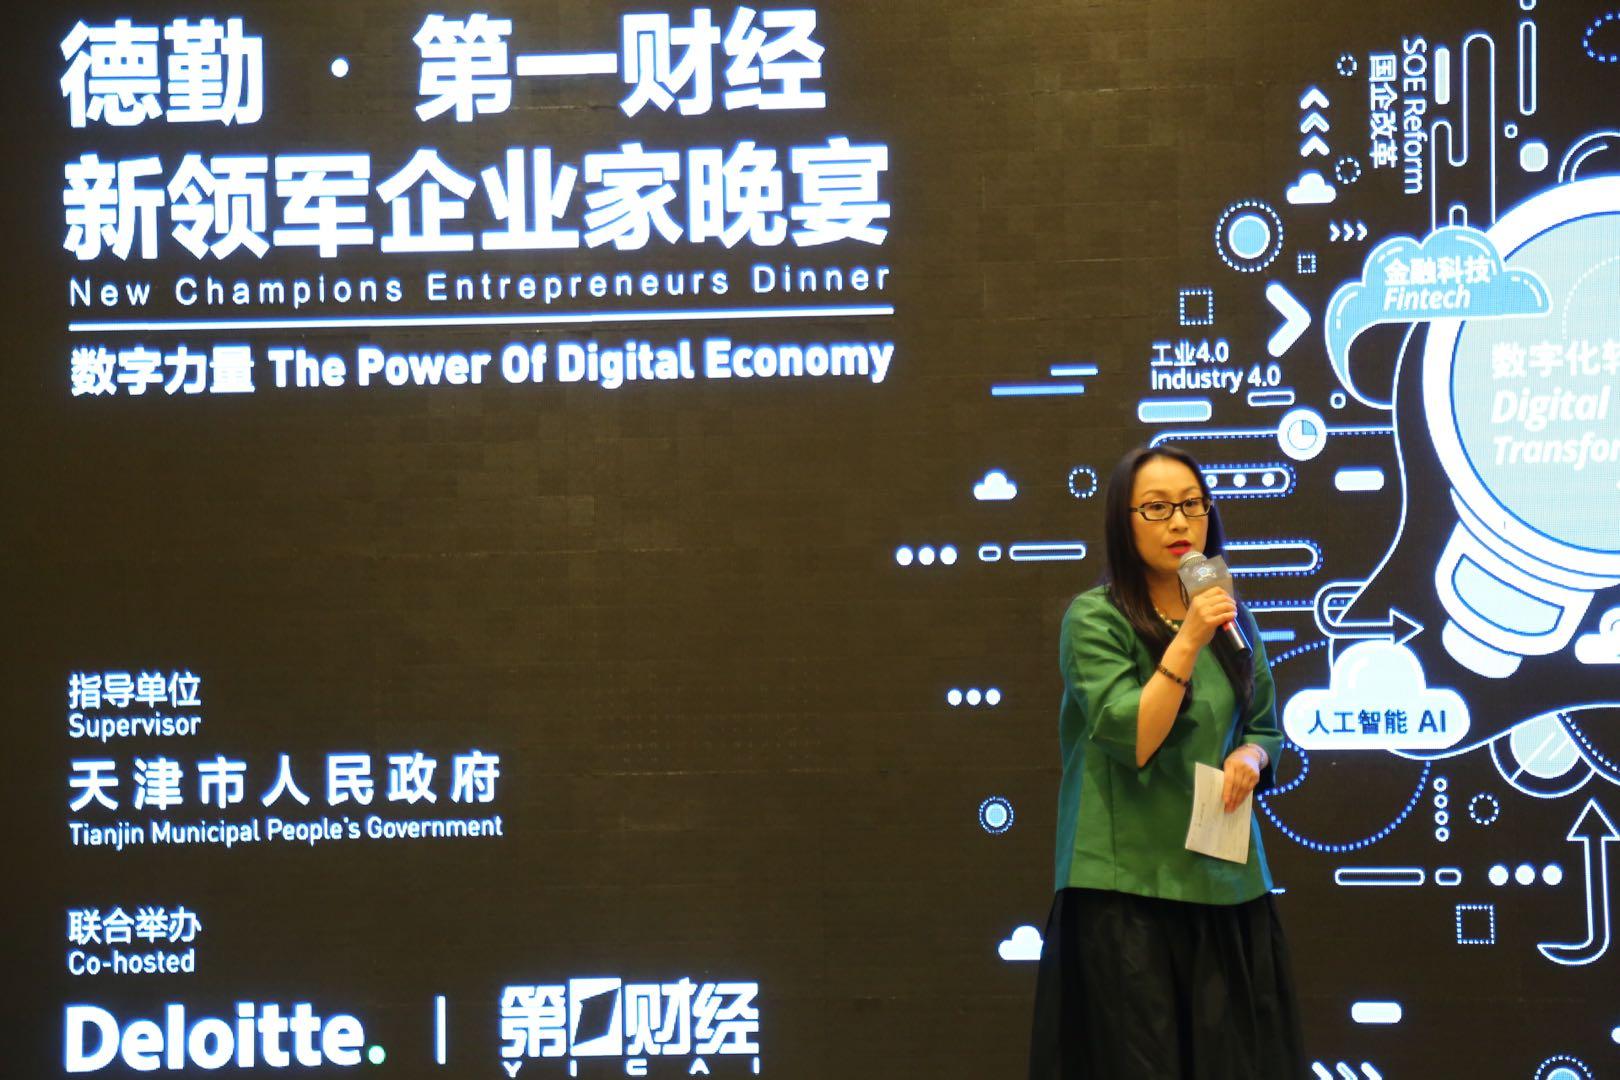 《第一财经日报》副总编辑、研究院院长杨燕青